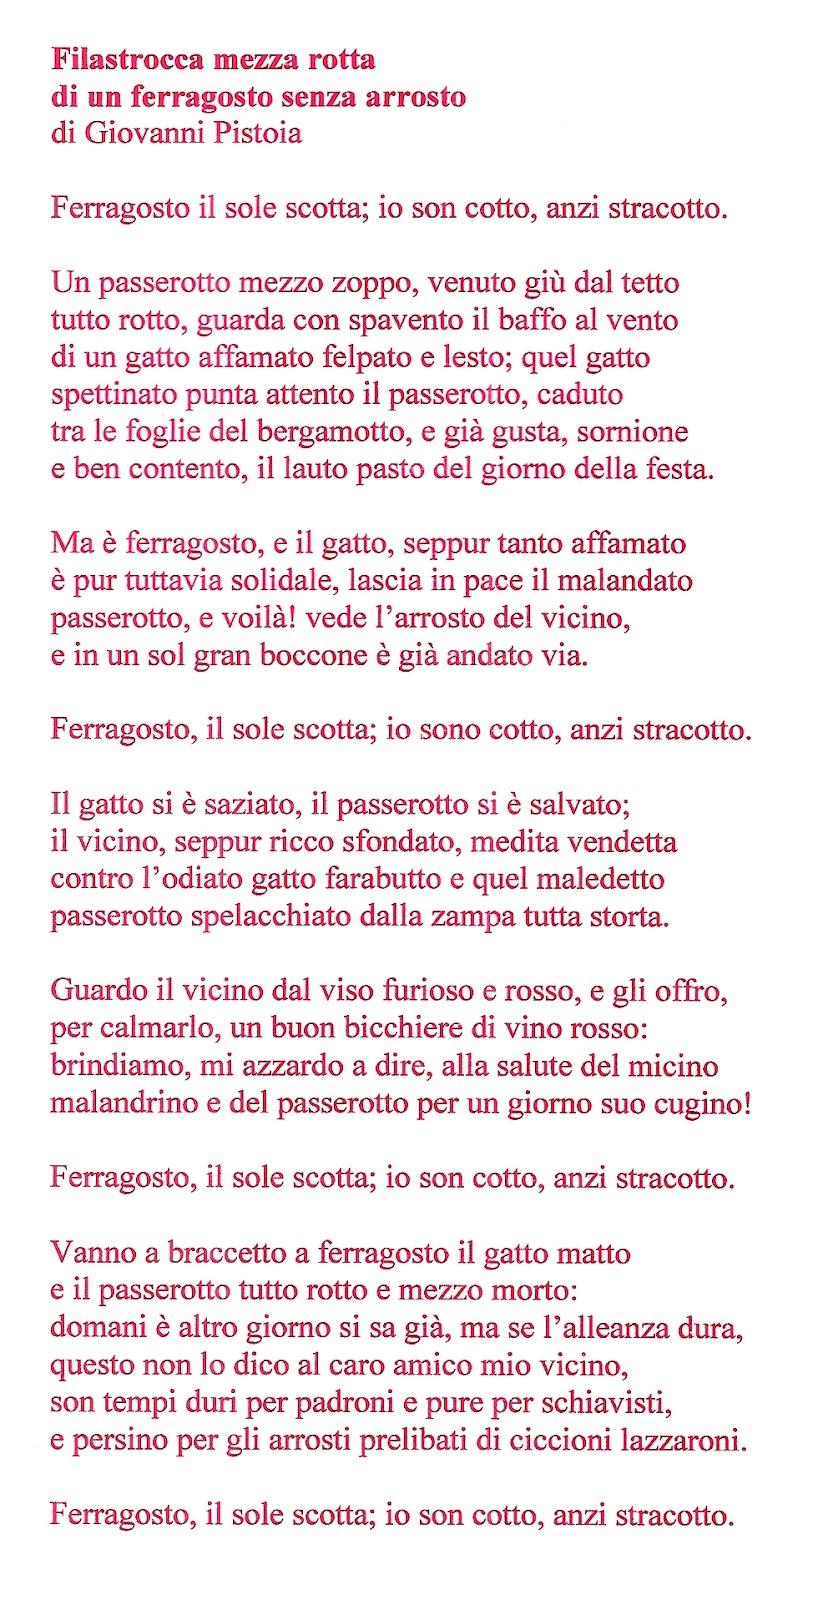 Assez Giovanni Pistoia: FILASTROCCA MEZZA ROTTA DI UN FERRAGOSTO SENZA  RH14